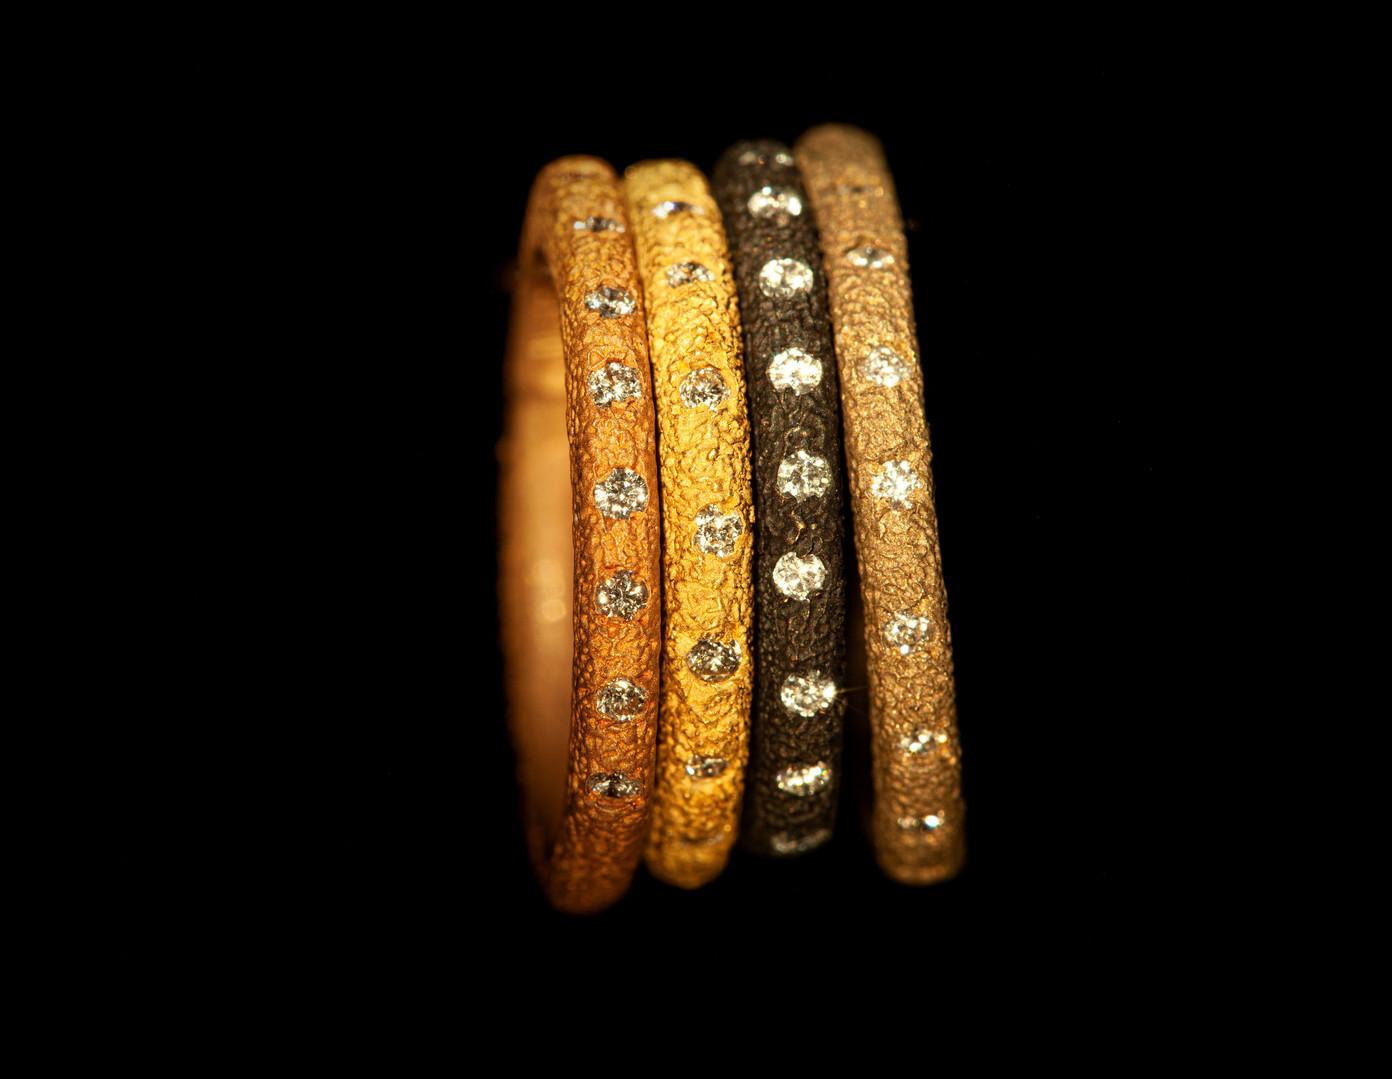 Anelli in oro muto rosso, giallo, brunito e bianco con diamanti